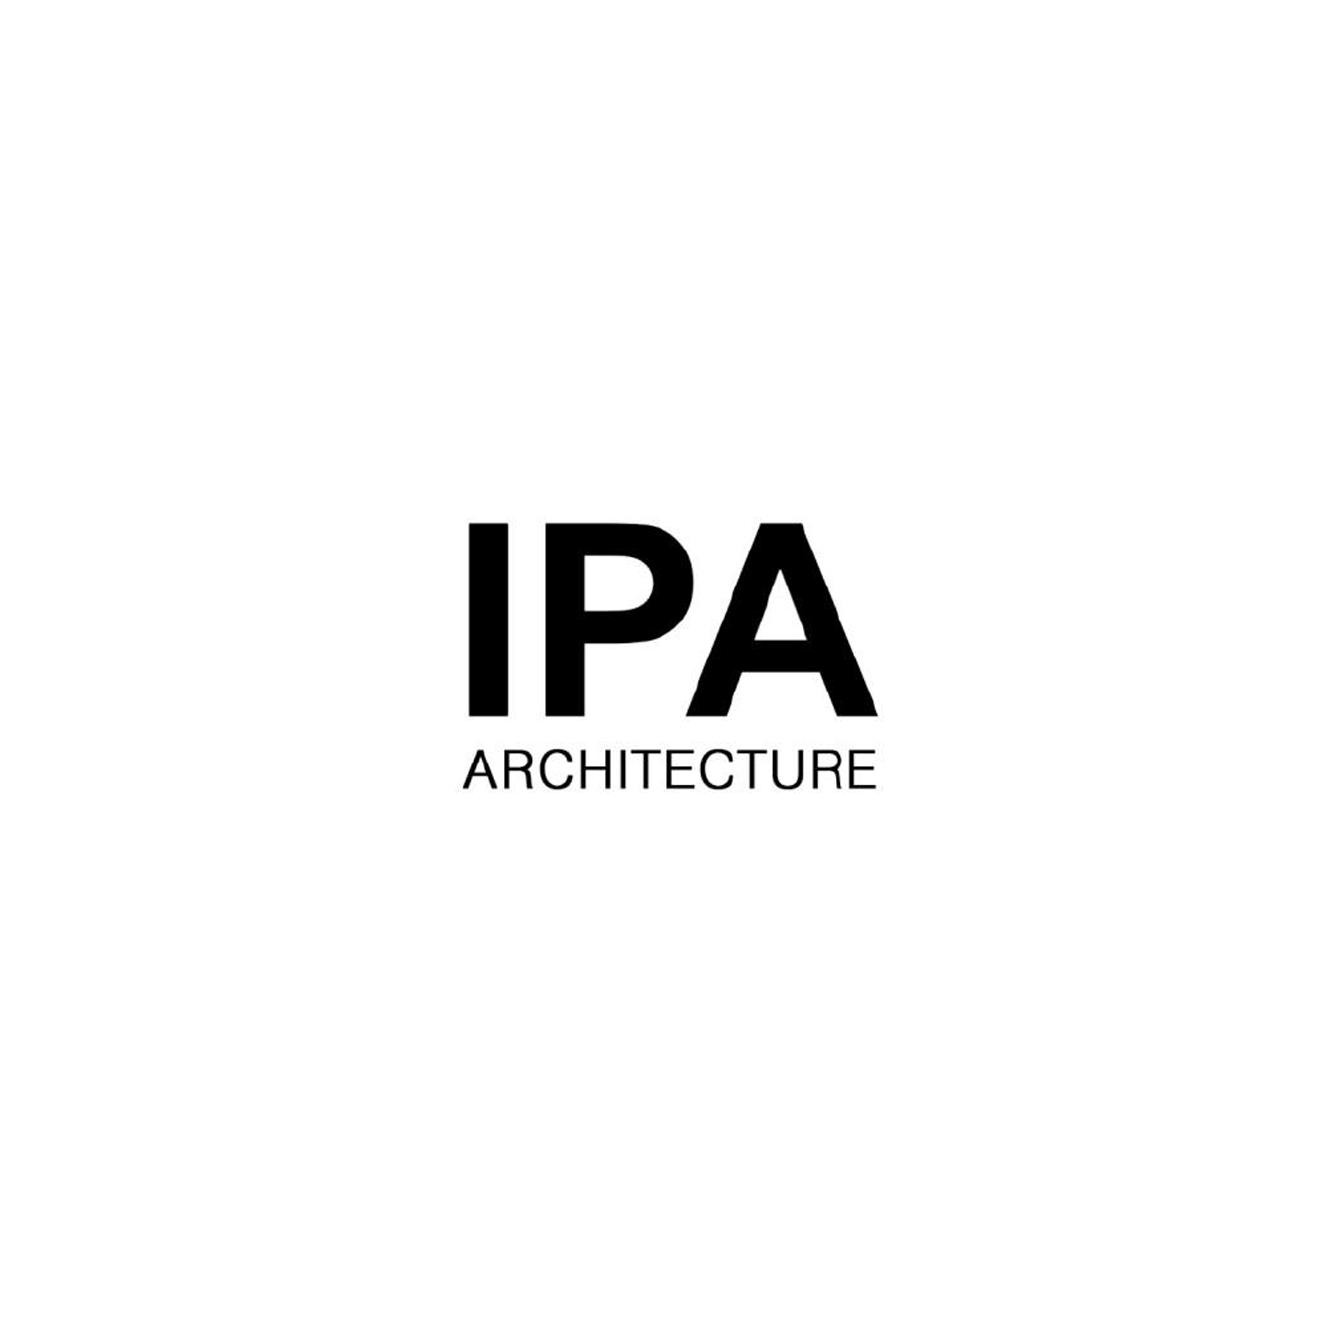 건축사사무소 아이피에이(IPA)